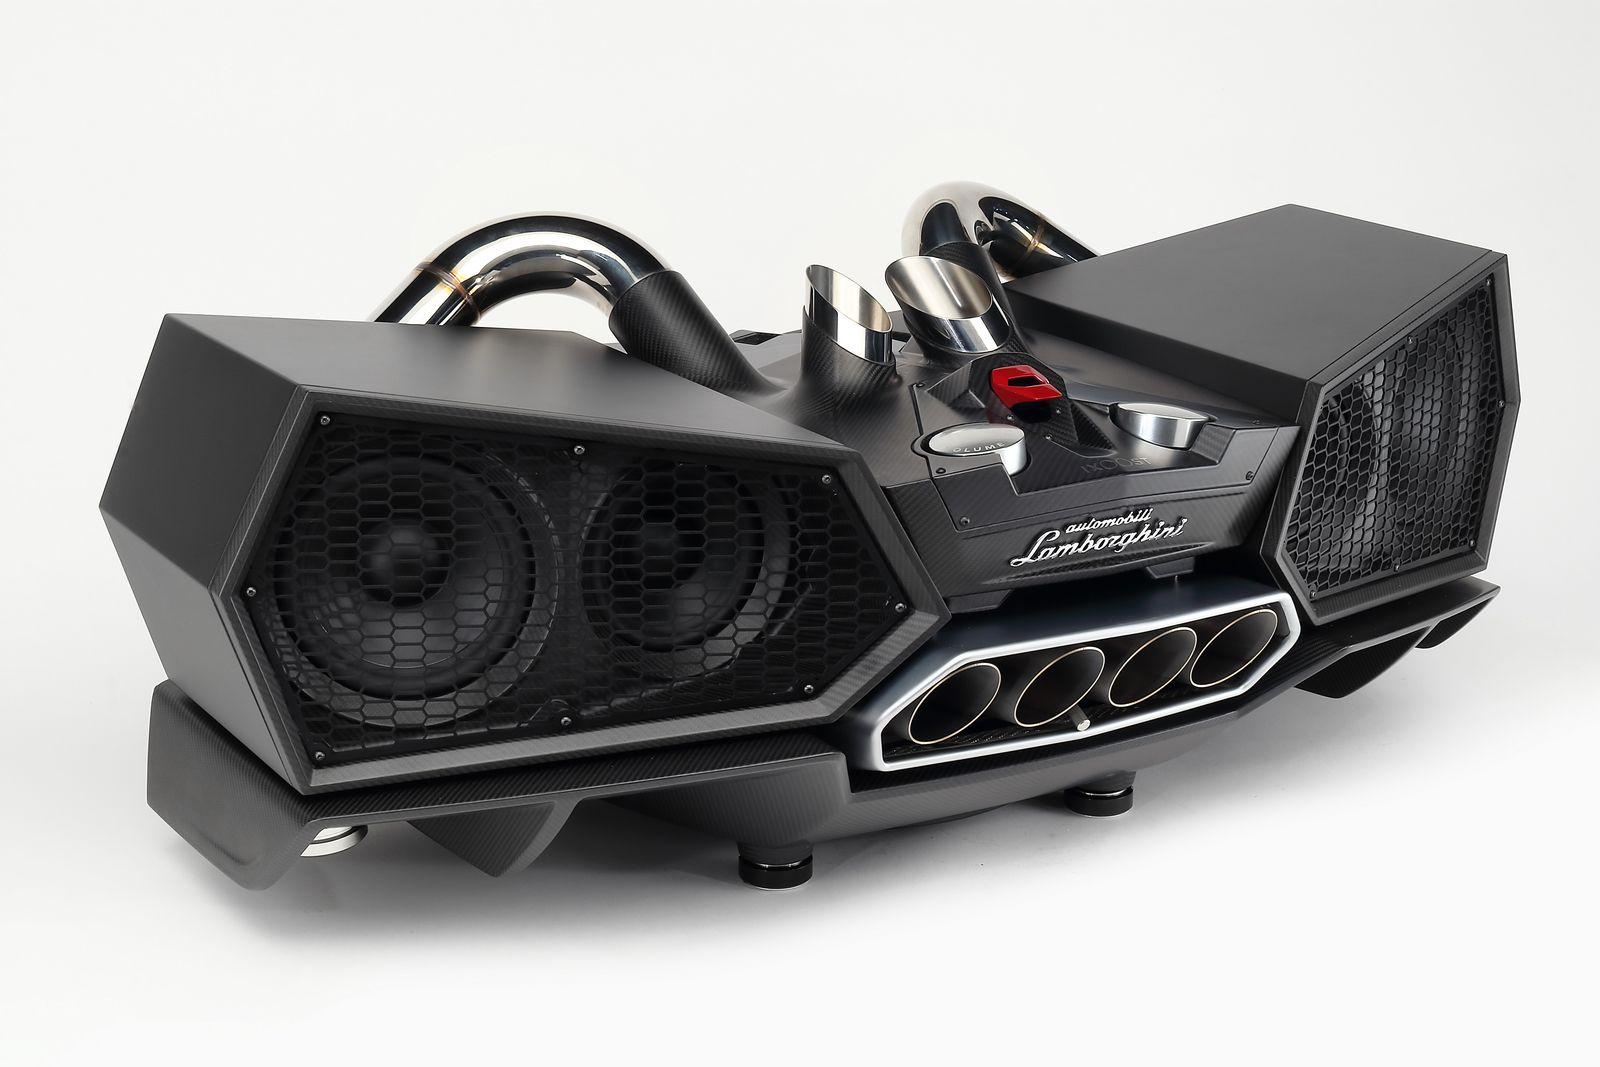 Lamborghini%2Bspeaker%2B1.jpg